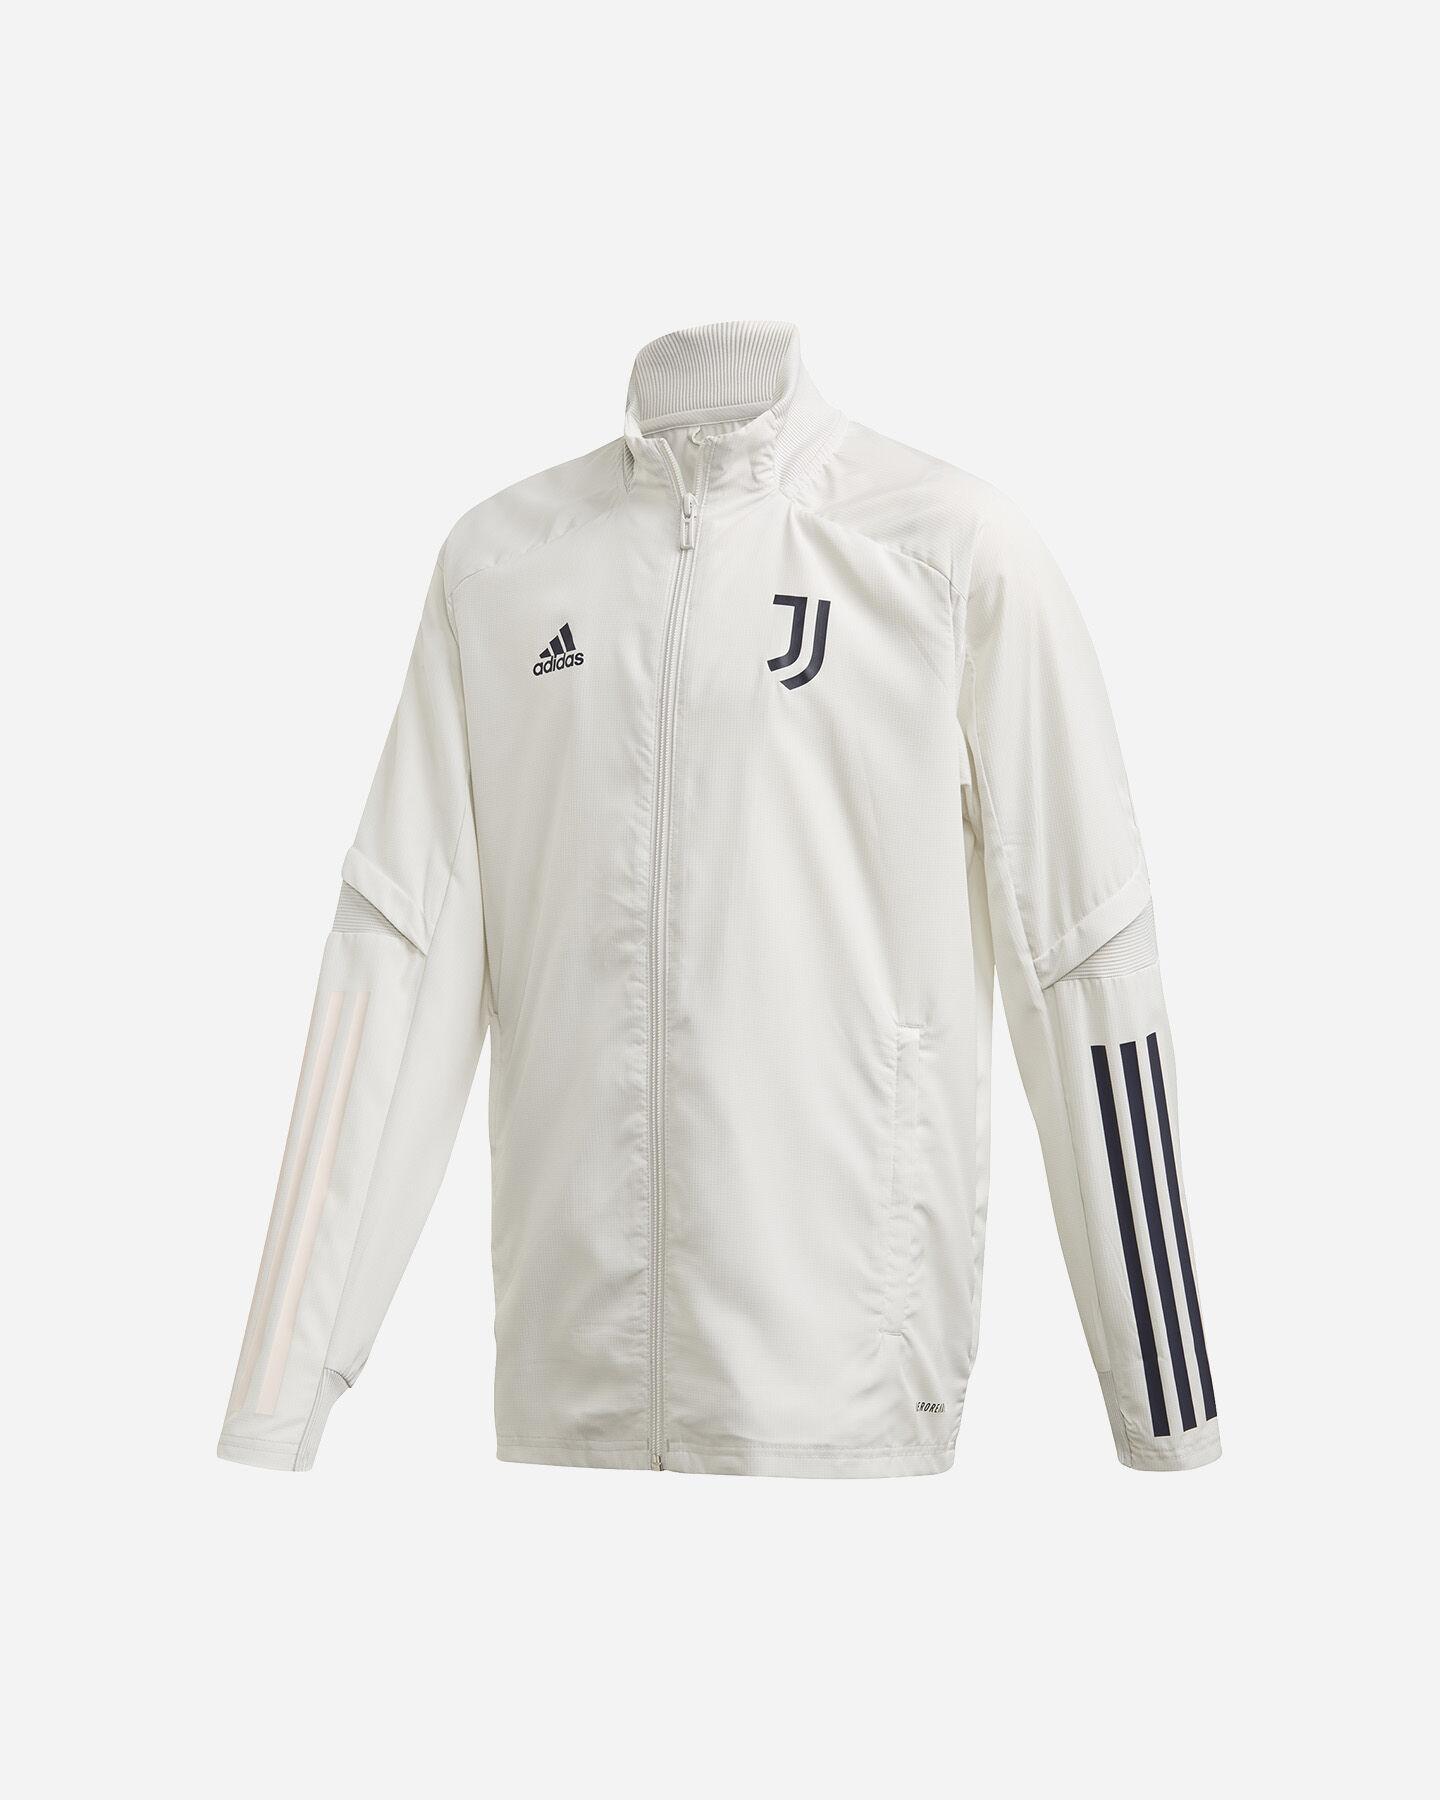 Divise ufficiali Juventus: completi, tute, maglie   Cisalfa Sport